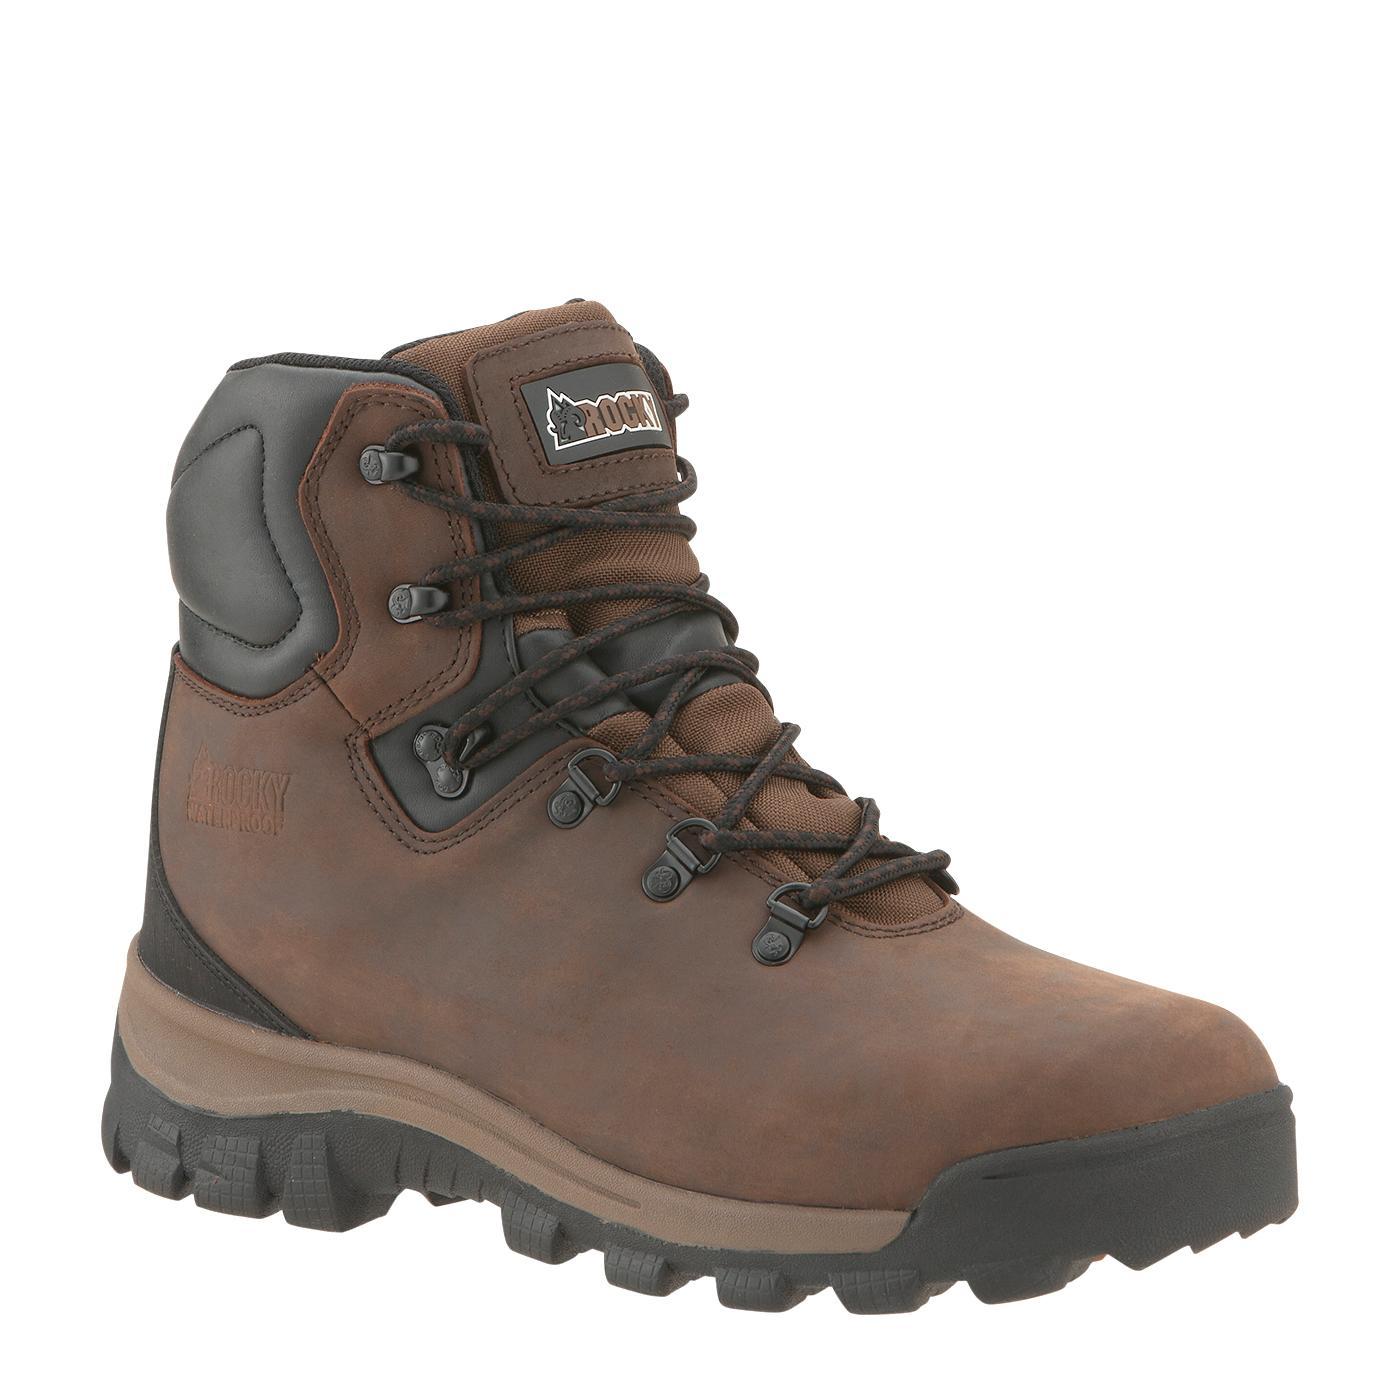 Rocky Core Men S Waterproof Hiking Work Boots Style 2421